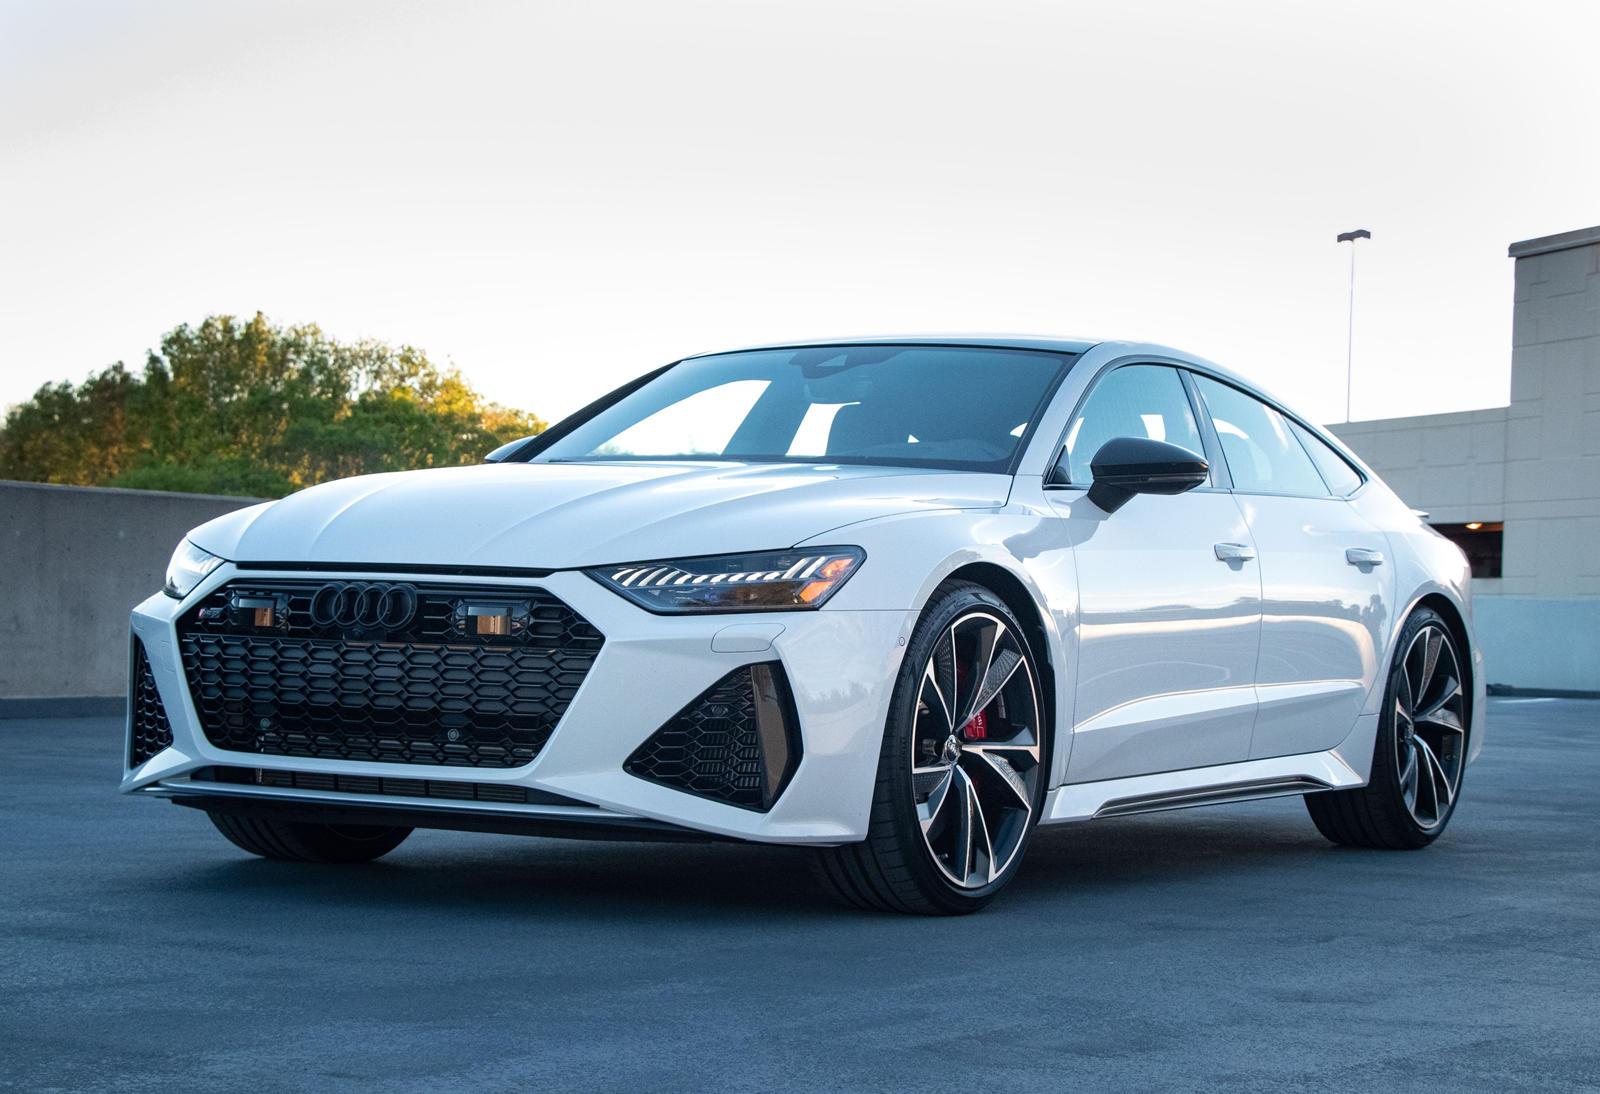 2021 Audi Rs7 Trims Specs Carbuzz